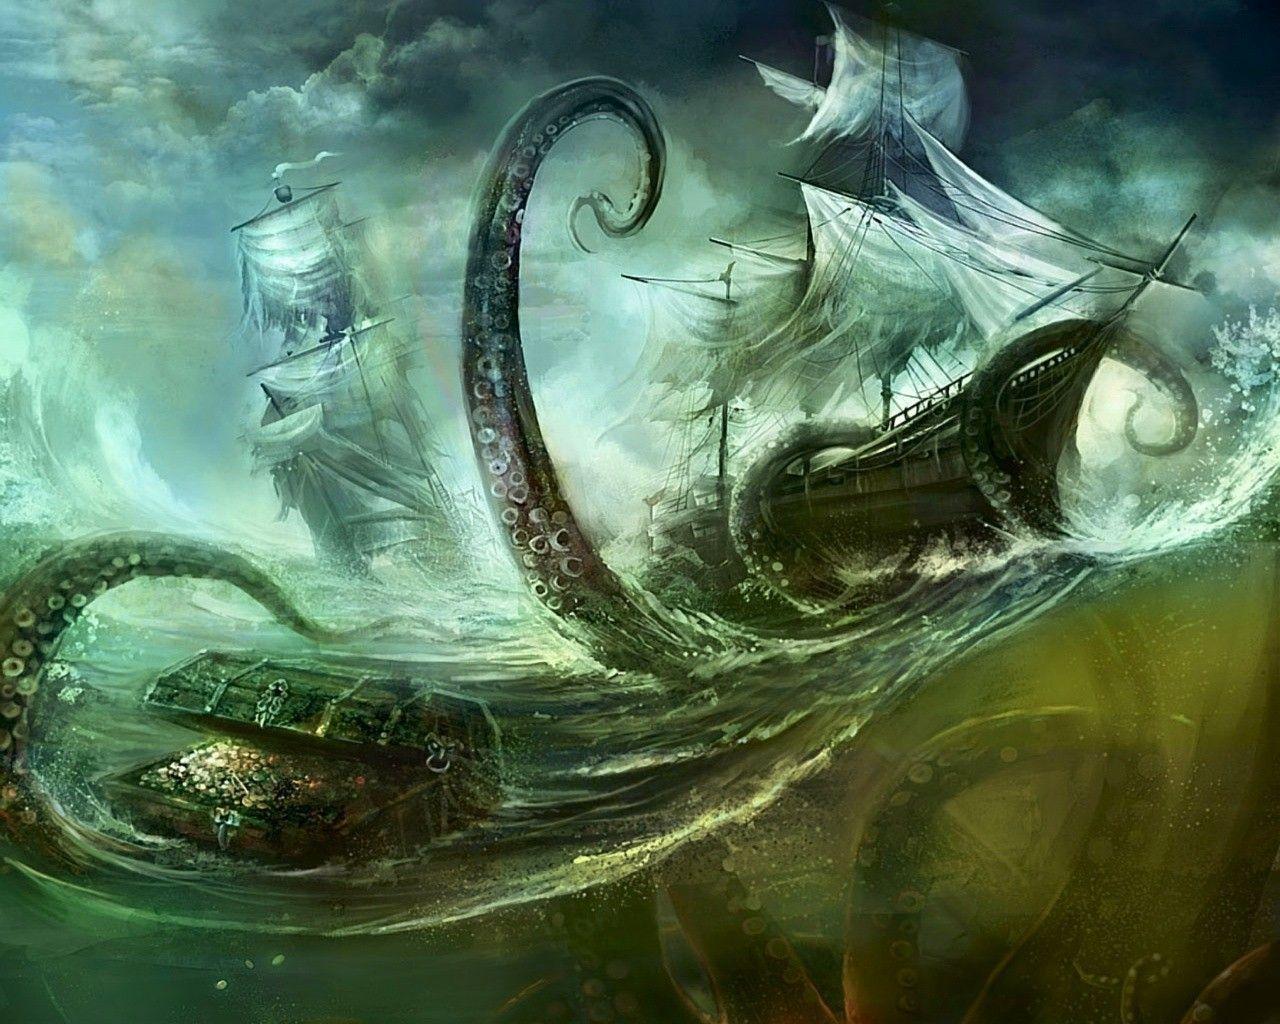 Fantasy Kraken Wallpaper Sea Monsters Kraken Concept Art